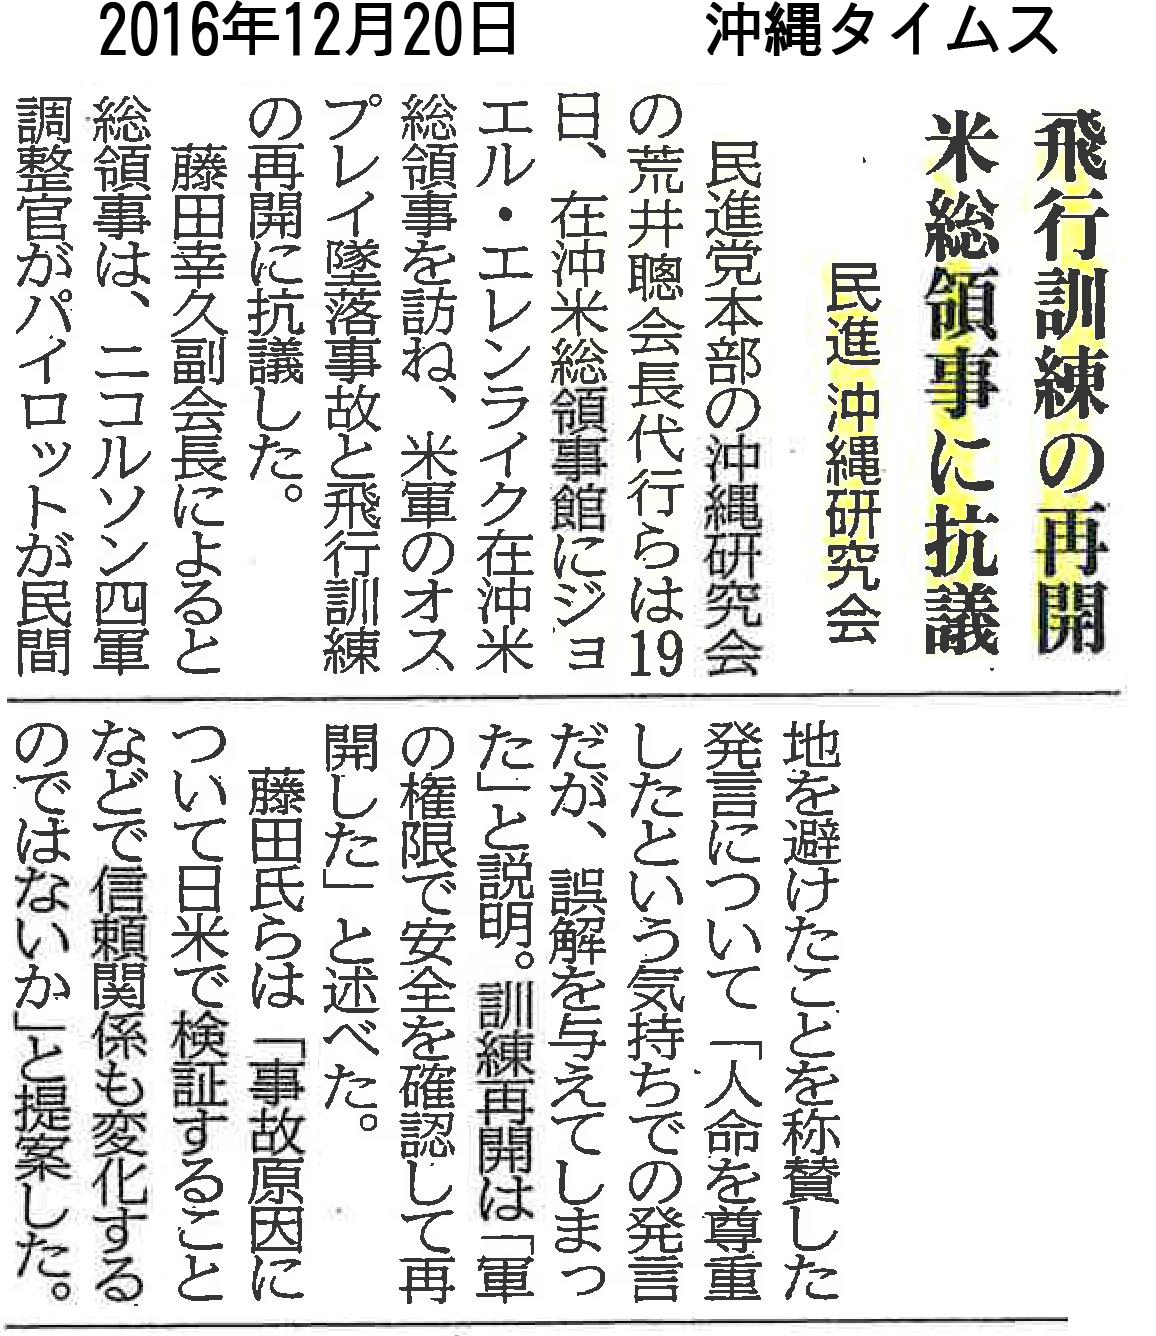 【沖縄タイムス】飛行訓練の再開 米総領事に抗議